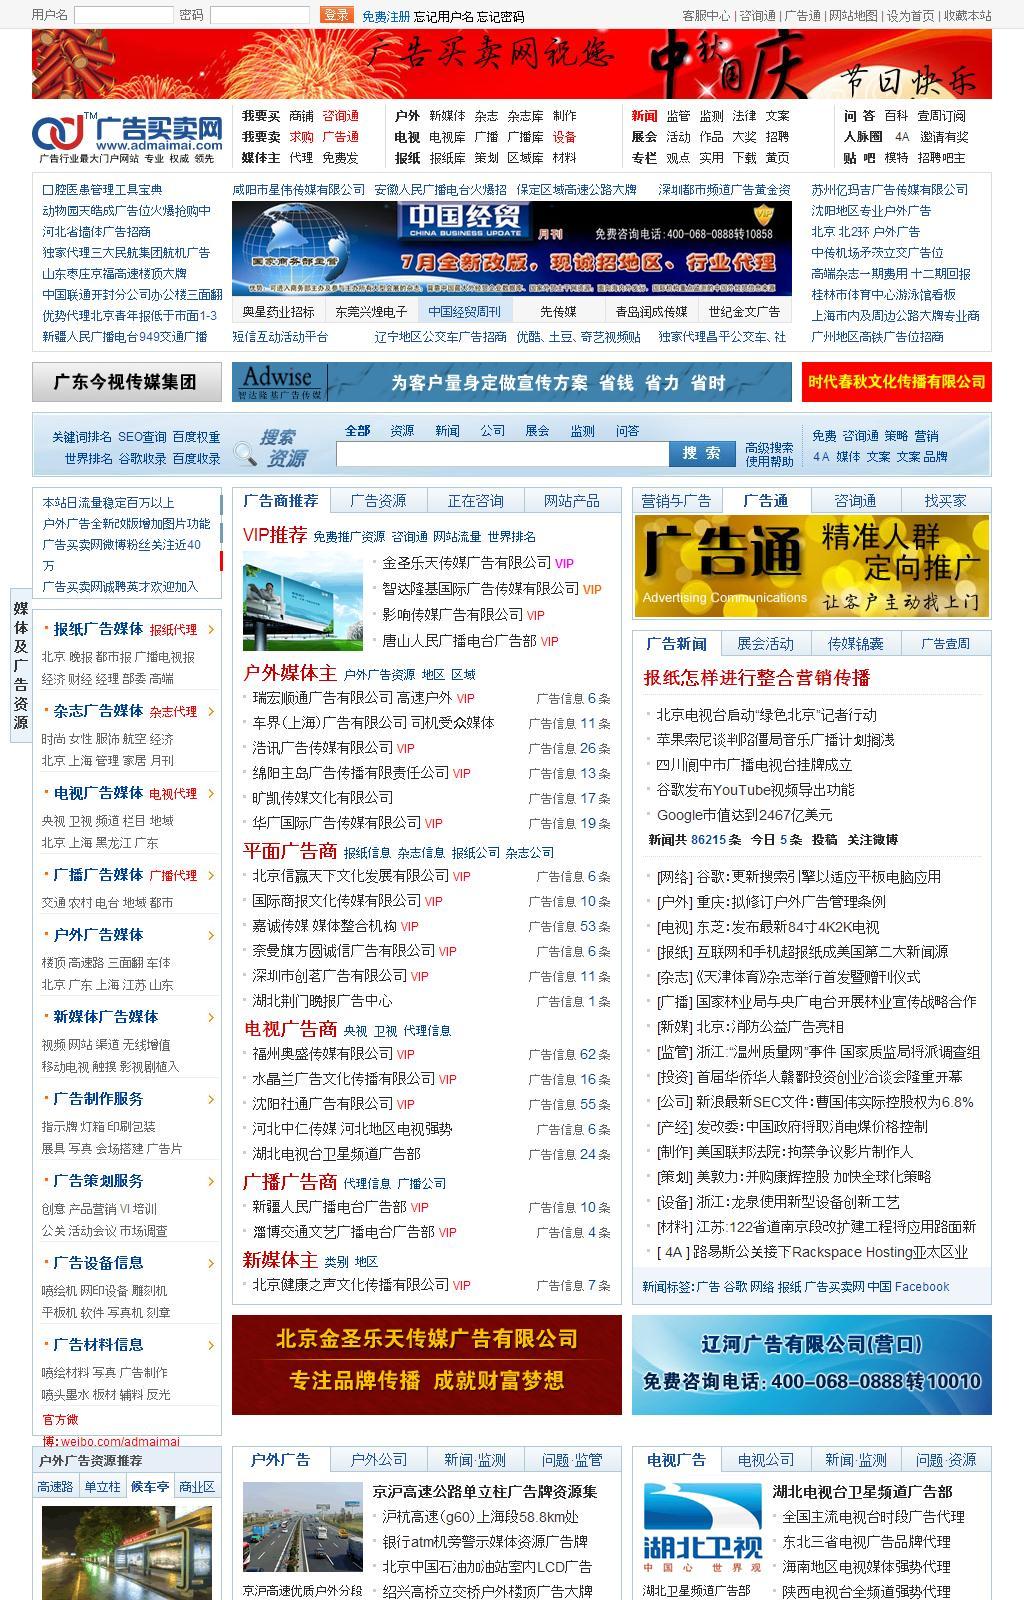 广告资源权威交易平台_广告行业专业门户网站_广告买卖网